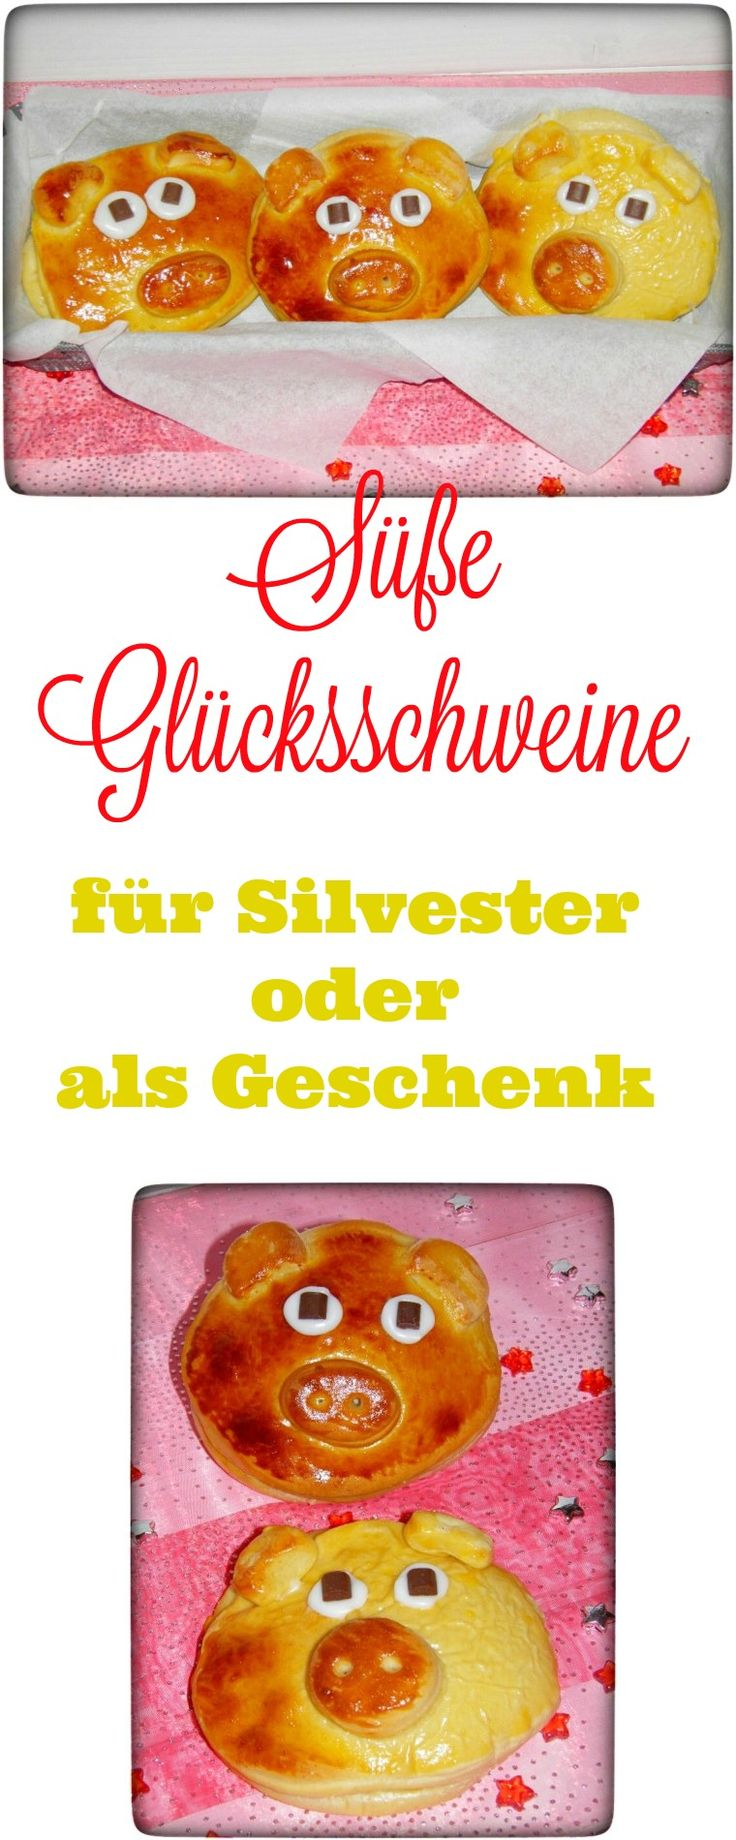 Glücksschweine für Silvester sind ein tolles Mitbringsel und Gast - Geschenk. Diese sind soo lecker und man kann diese herzhaft oder süß füllen. Ich liebe diese süßen Schweine an Silvester. Auf dem Frühstückstisch sieht das total lieb aus. #silvester #glück #schwein